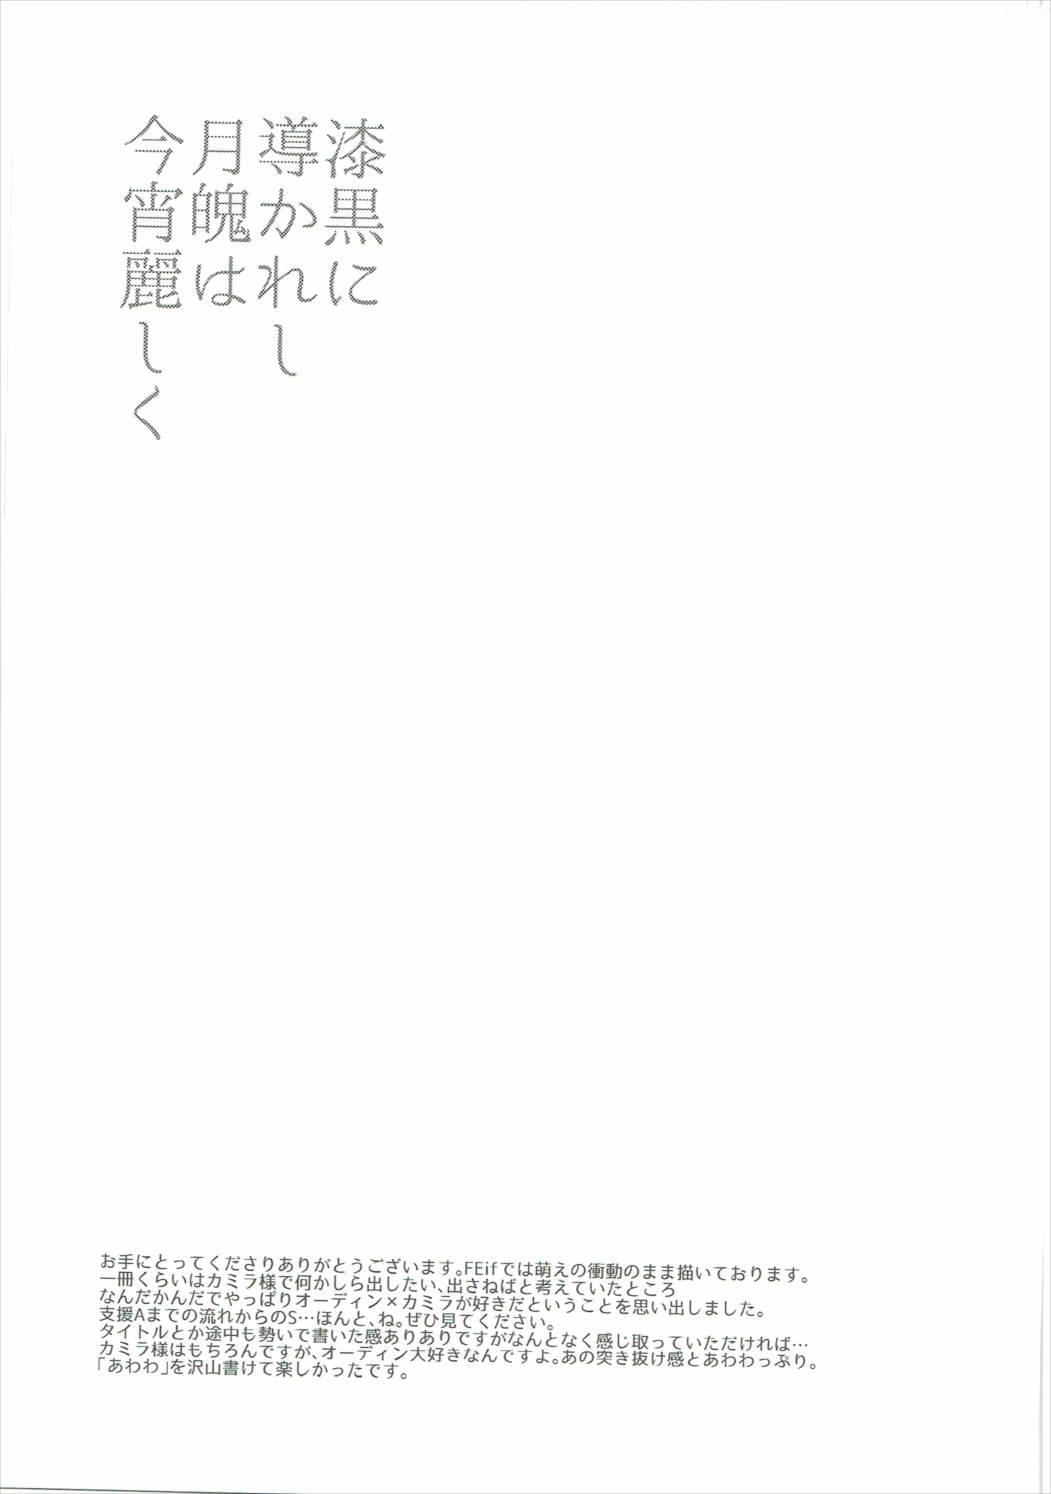 Hình ảnh  trong bài viết Shikkoku ni Michibikareshi Geppaku wa Koyoi Uruwashiku